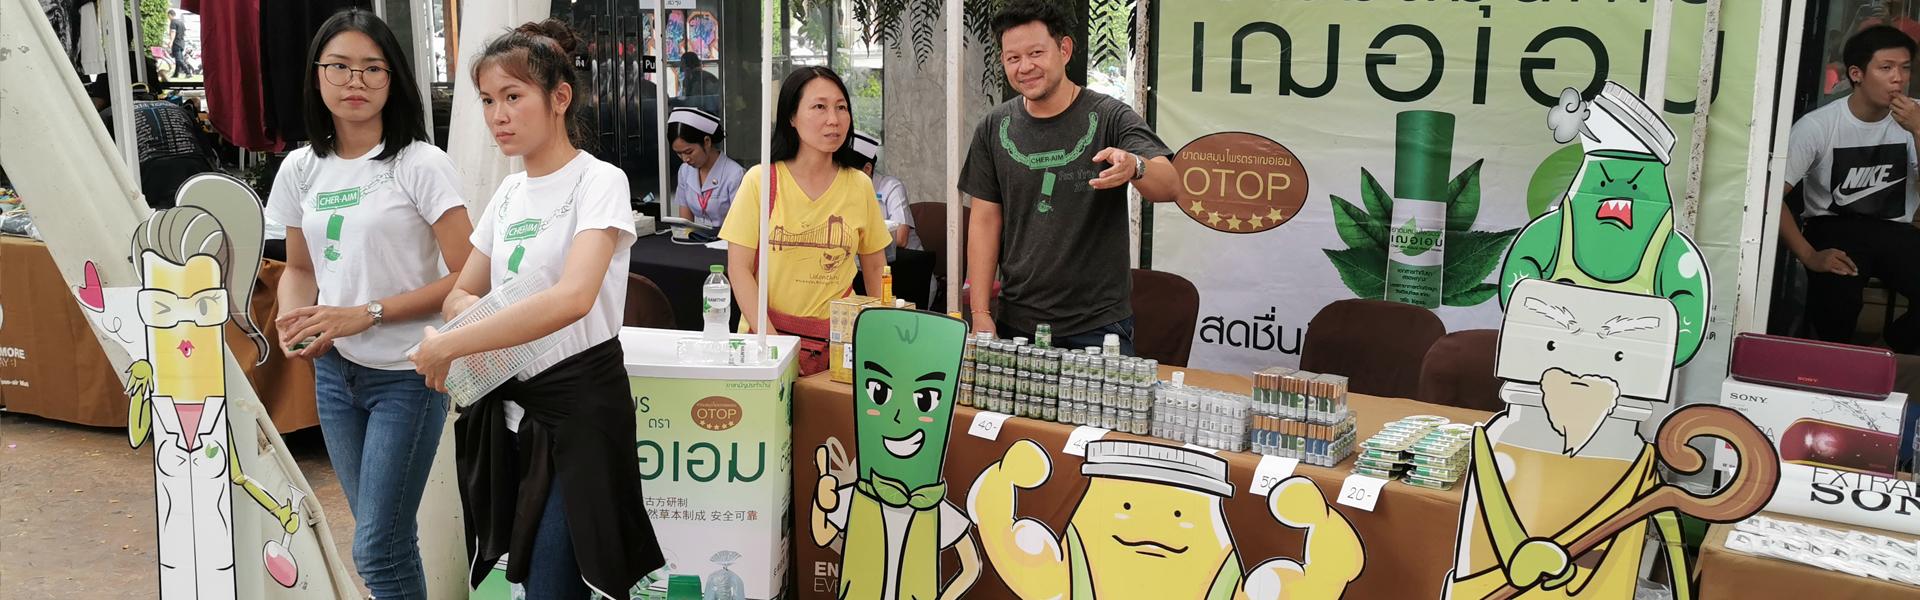 A l'occasion d'un stand de Cher-aim à Udon Thani, nous rendons visite à Tarn, histoire de se former aussi à cet aspect de l'activité.